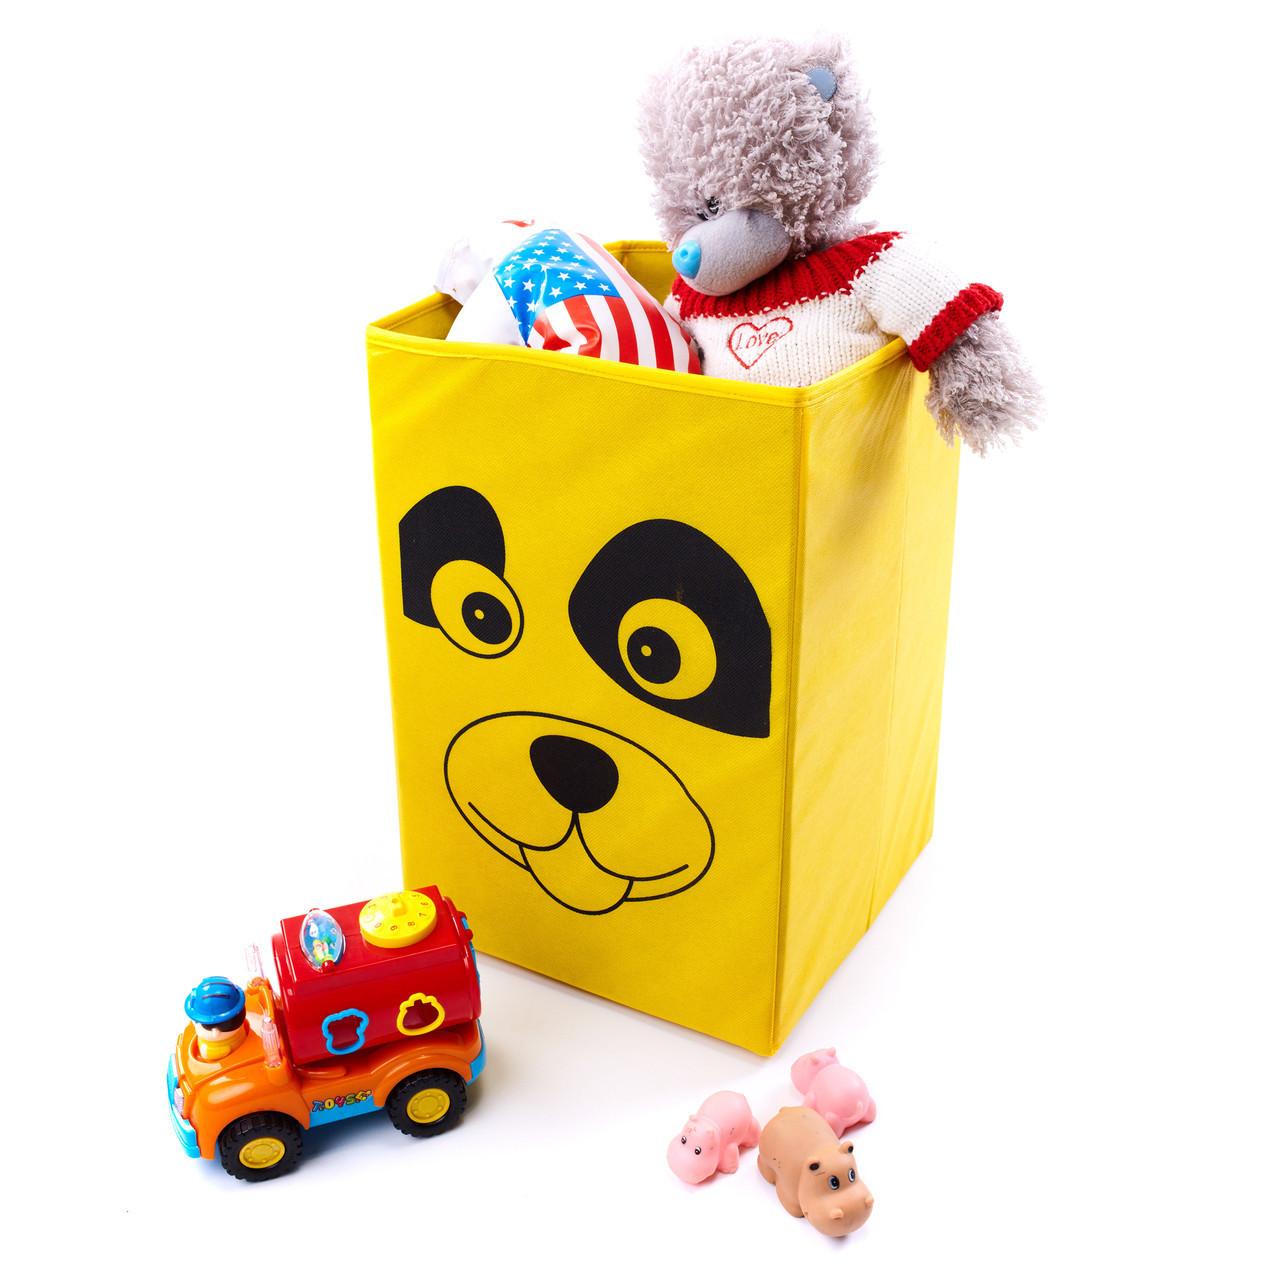 Детский ящик для игрушек без крышки Собака 30*30 см